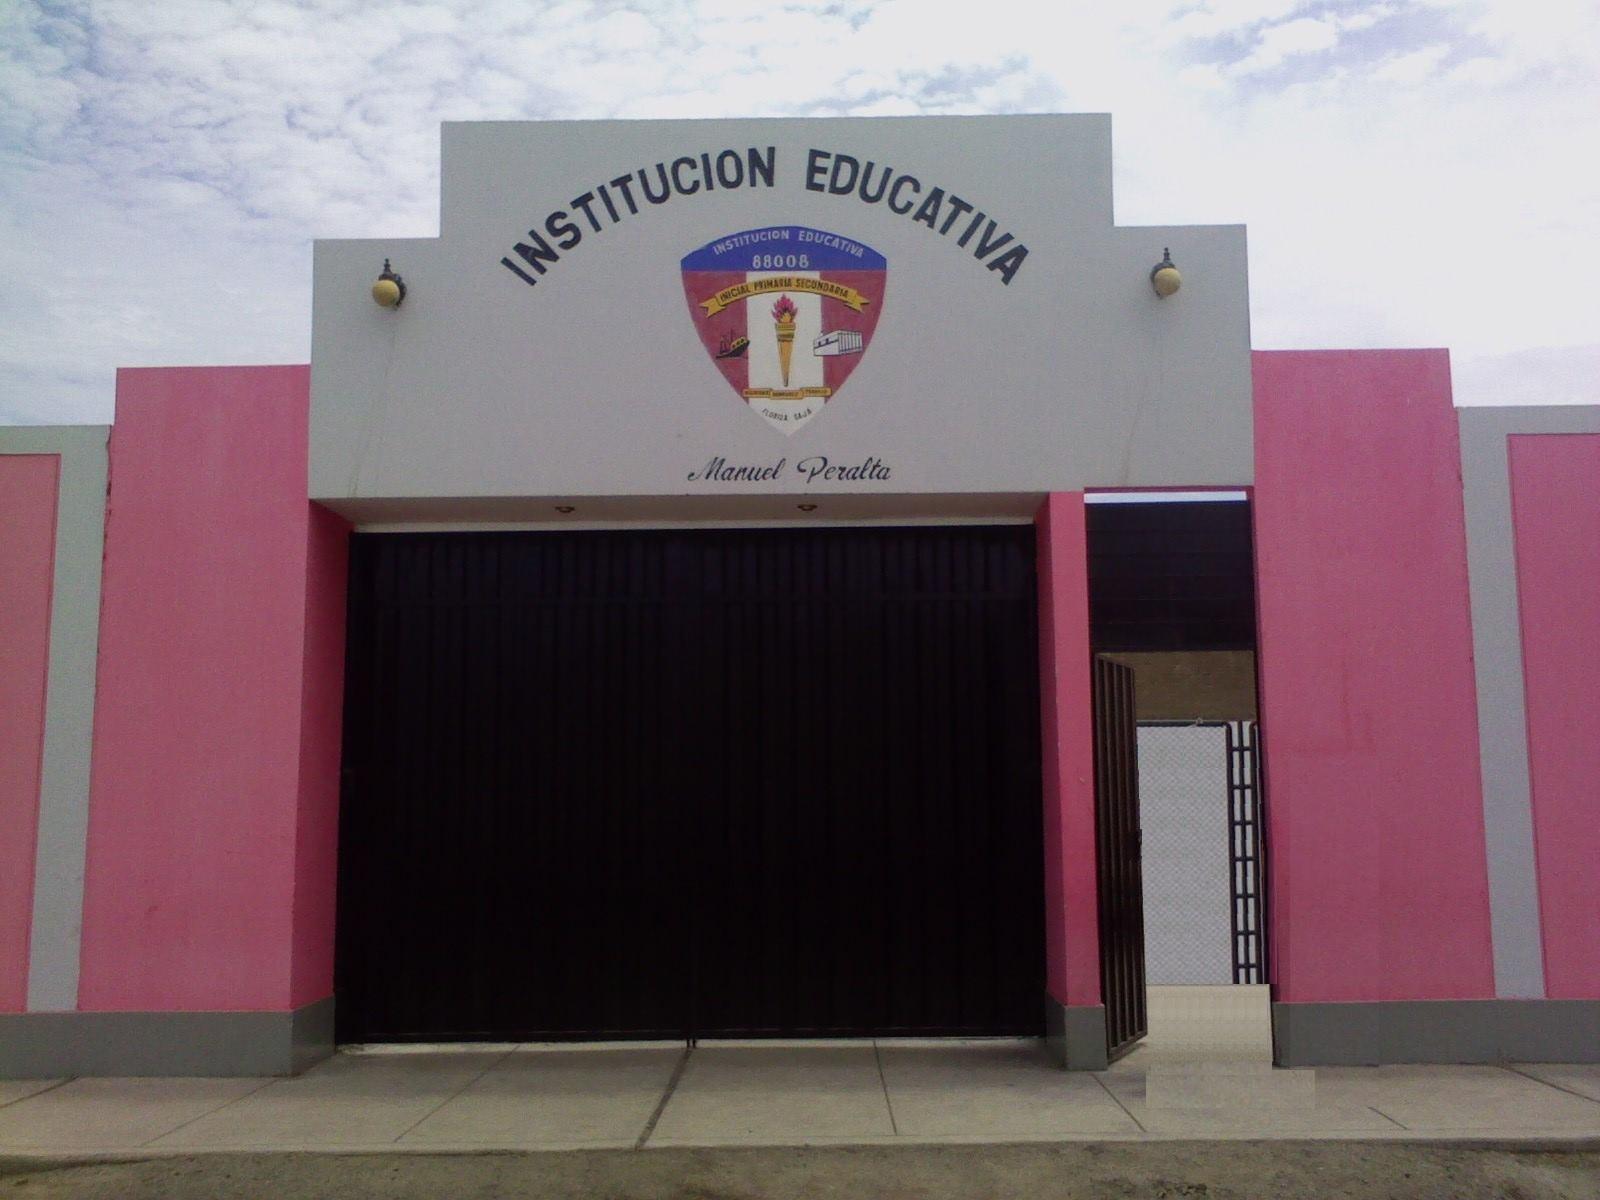 Colegio 88008 - Chimbote